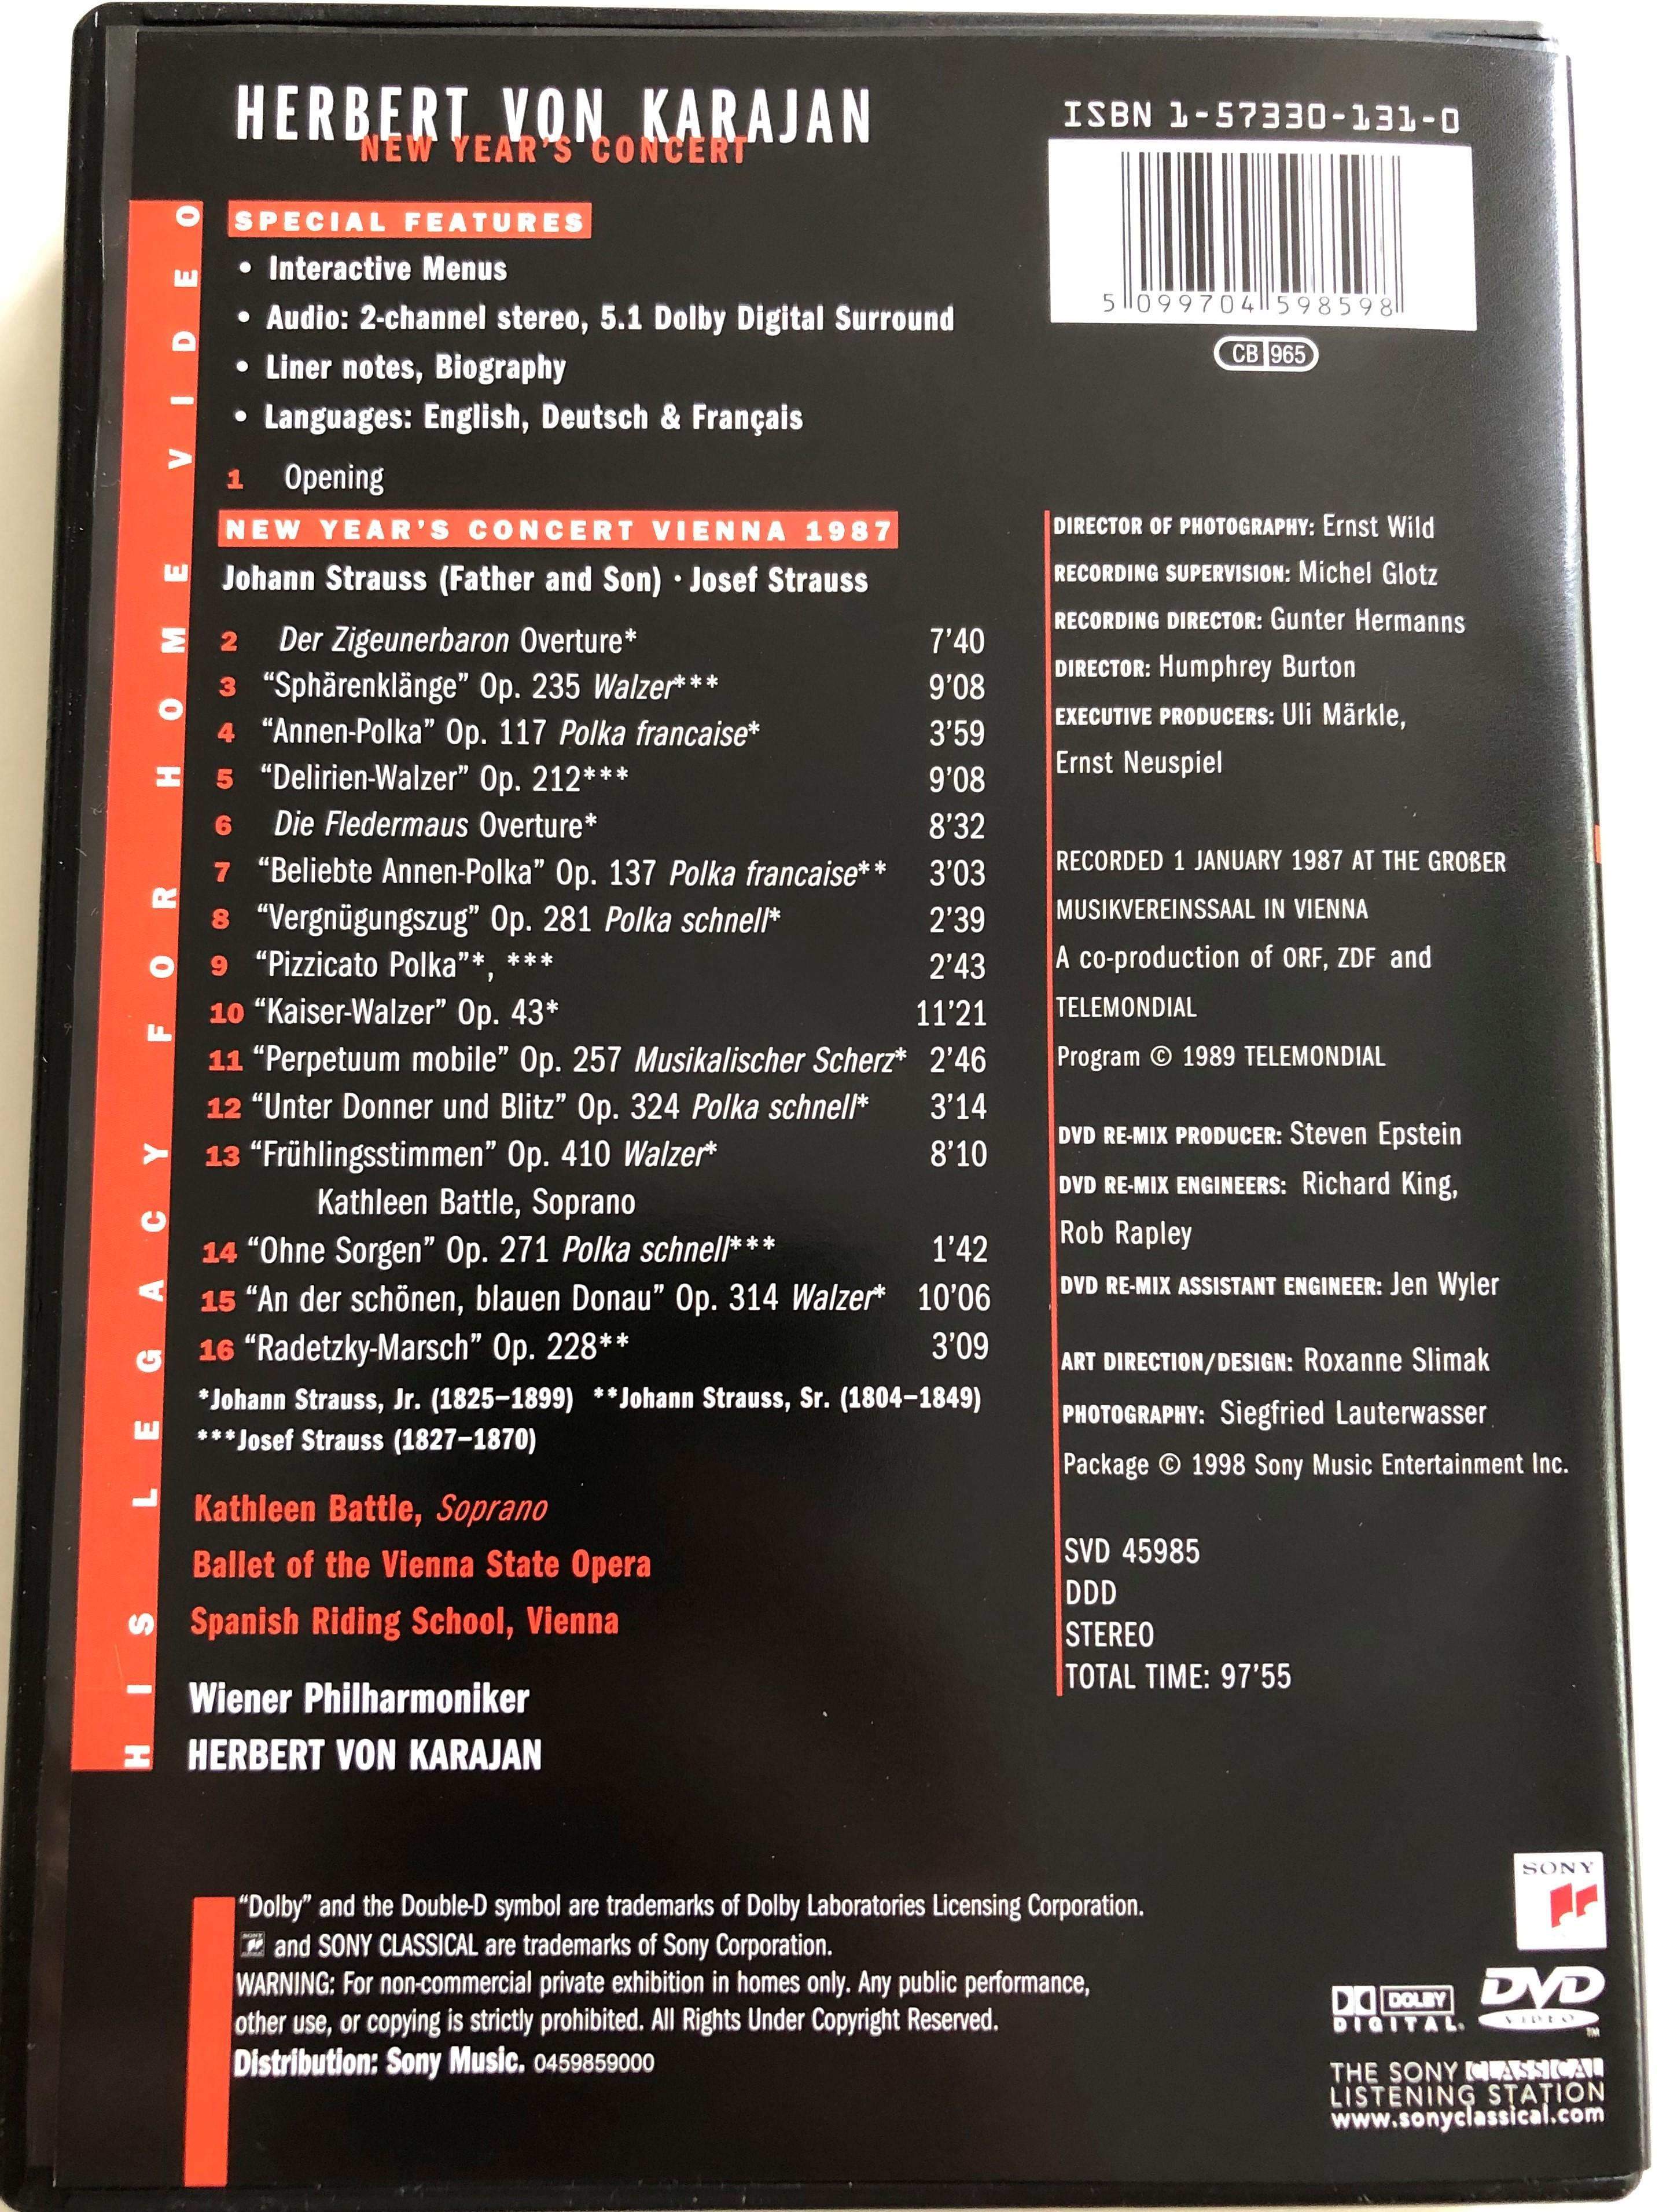 herbert-von-karajan-new-year-s-eve-concert-dvd-1987-wiener-philharmoniker-directed-by-gunter-hermanns-johann-strauss-father-and-son-josef-strauss-svd-45985-3-.jpg